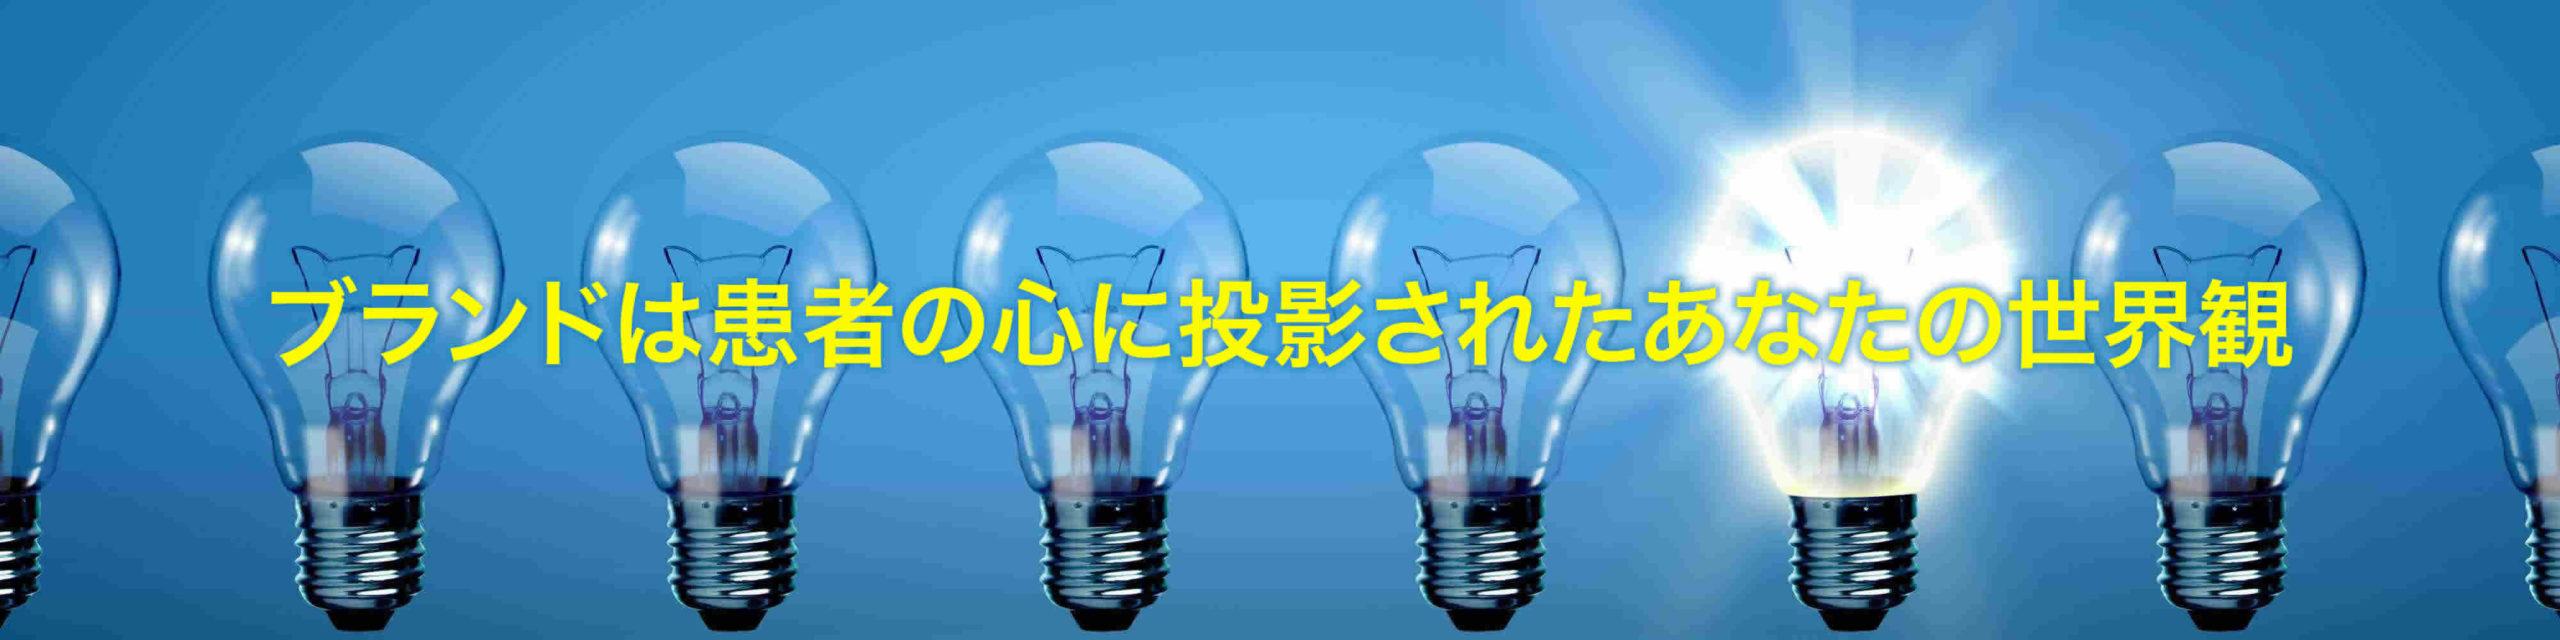 世界観+電球